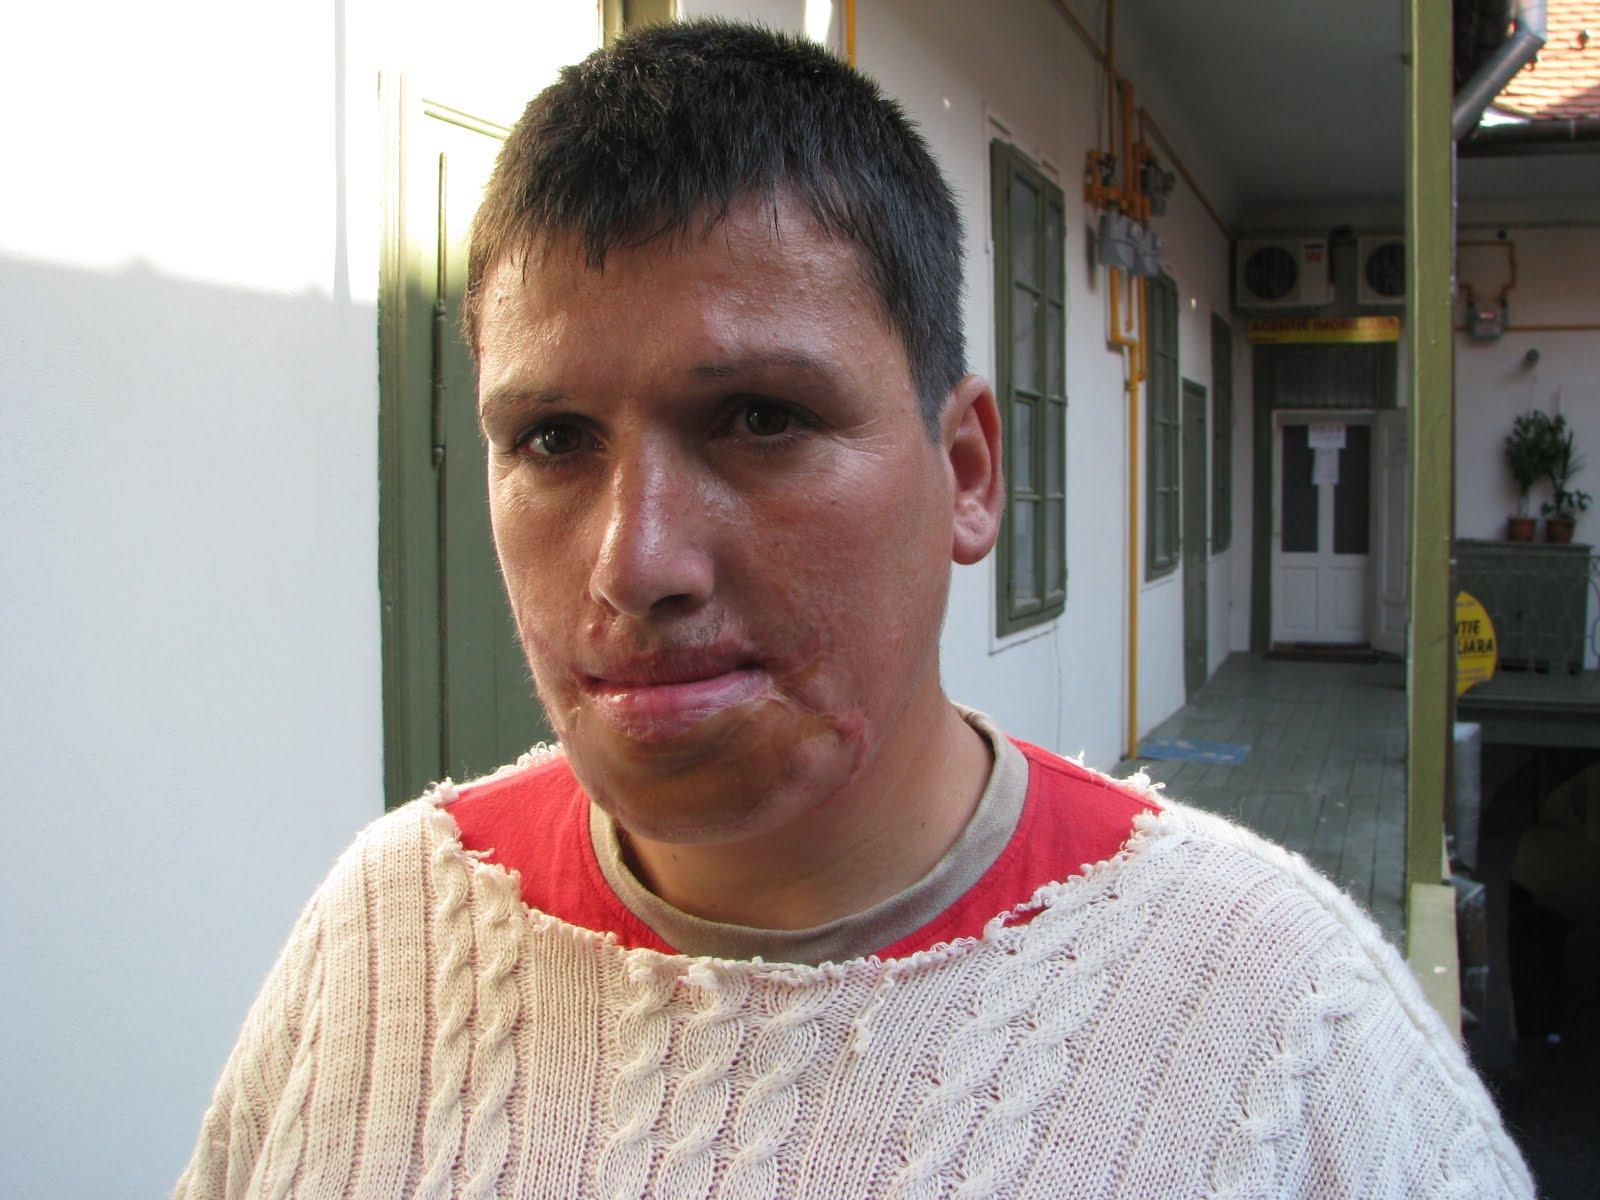 Transexualul s-a desfigurat dupa ce si-a turnat soda caustica pe fata